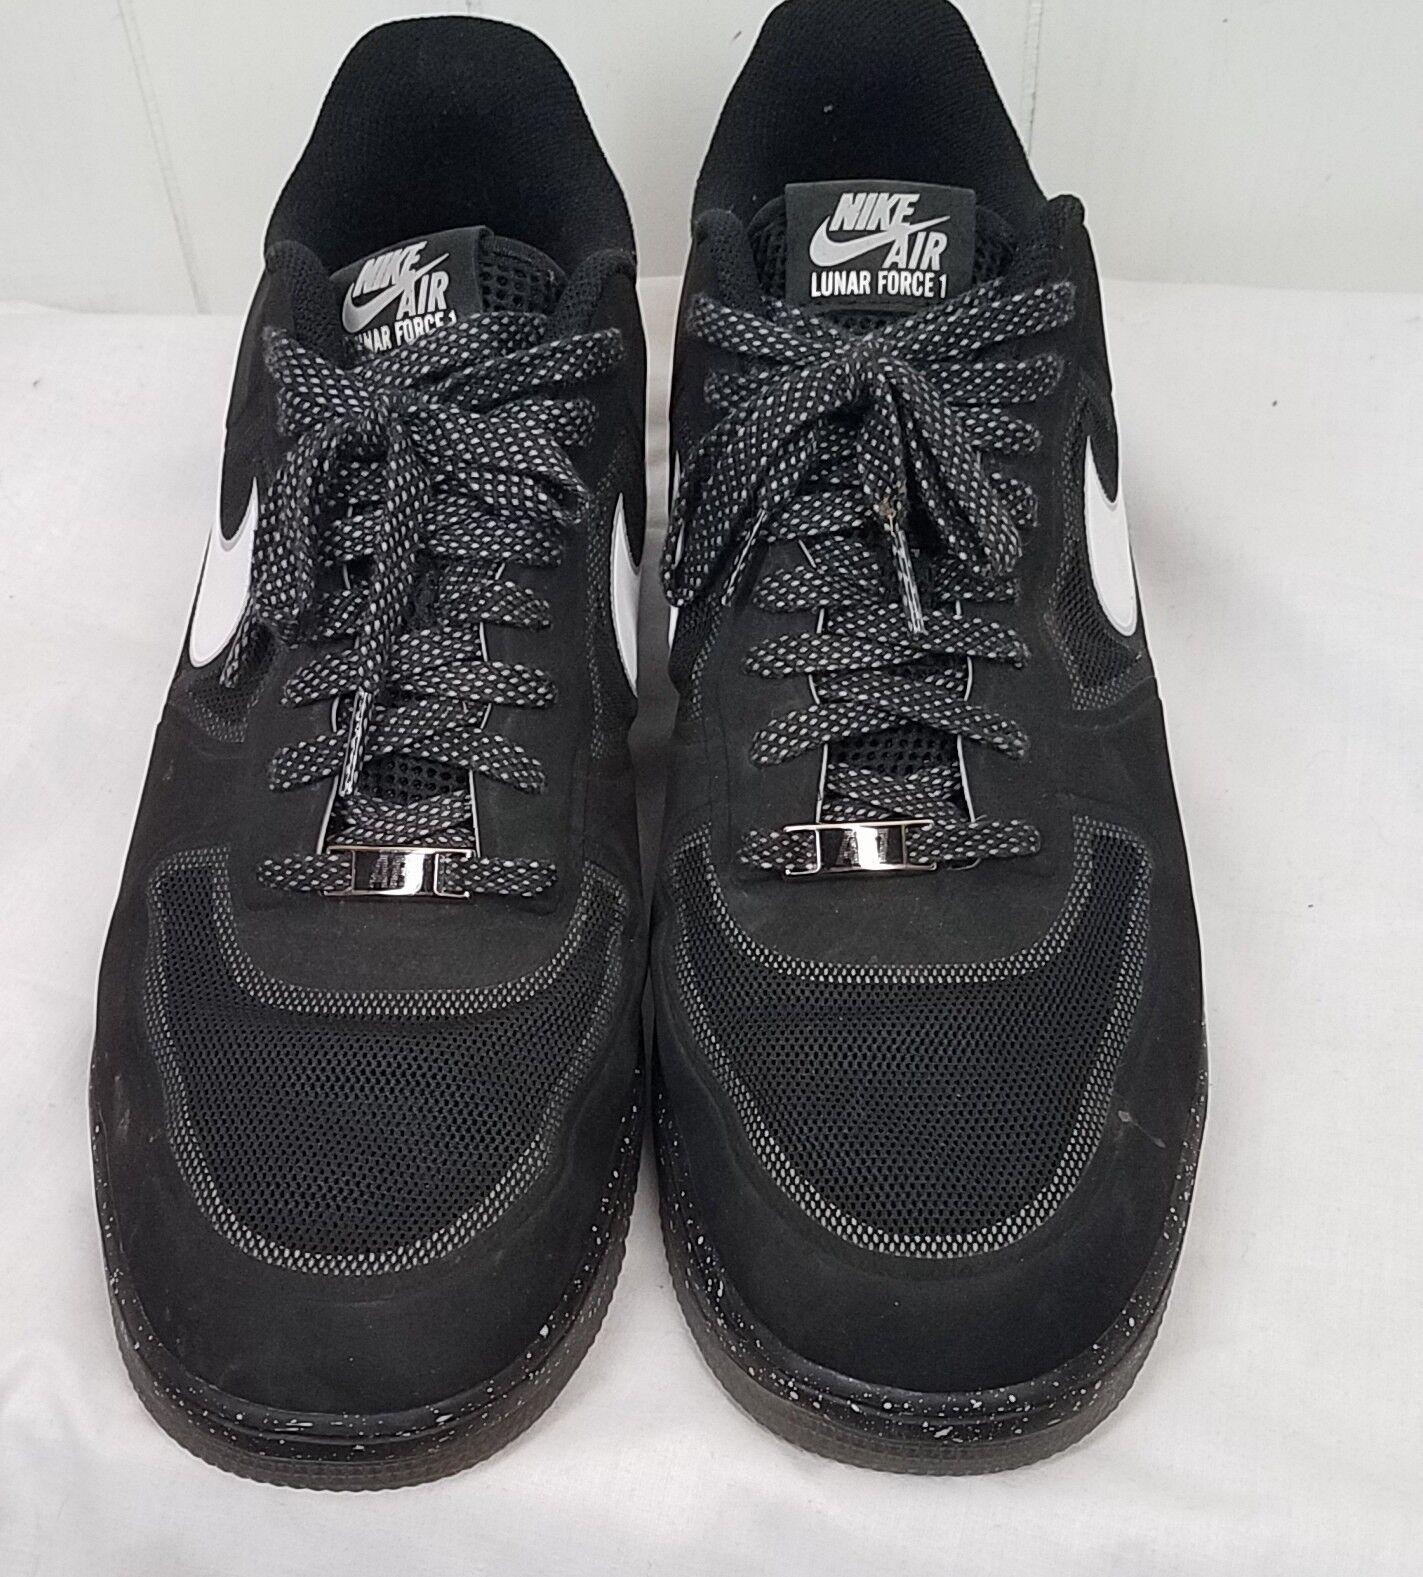 Nike Lunar Force 1 Fusible Oreo tamaño 13 baloncesto Hombre Negro Negro Hombre Blanco casual salvaje 67201d